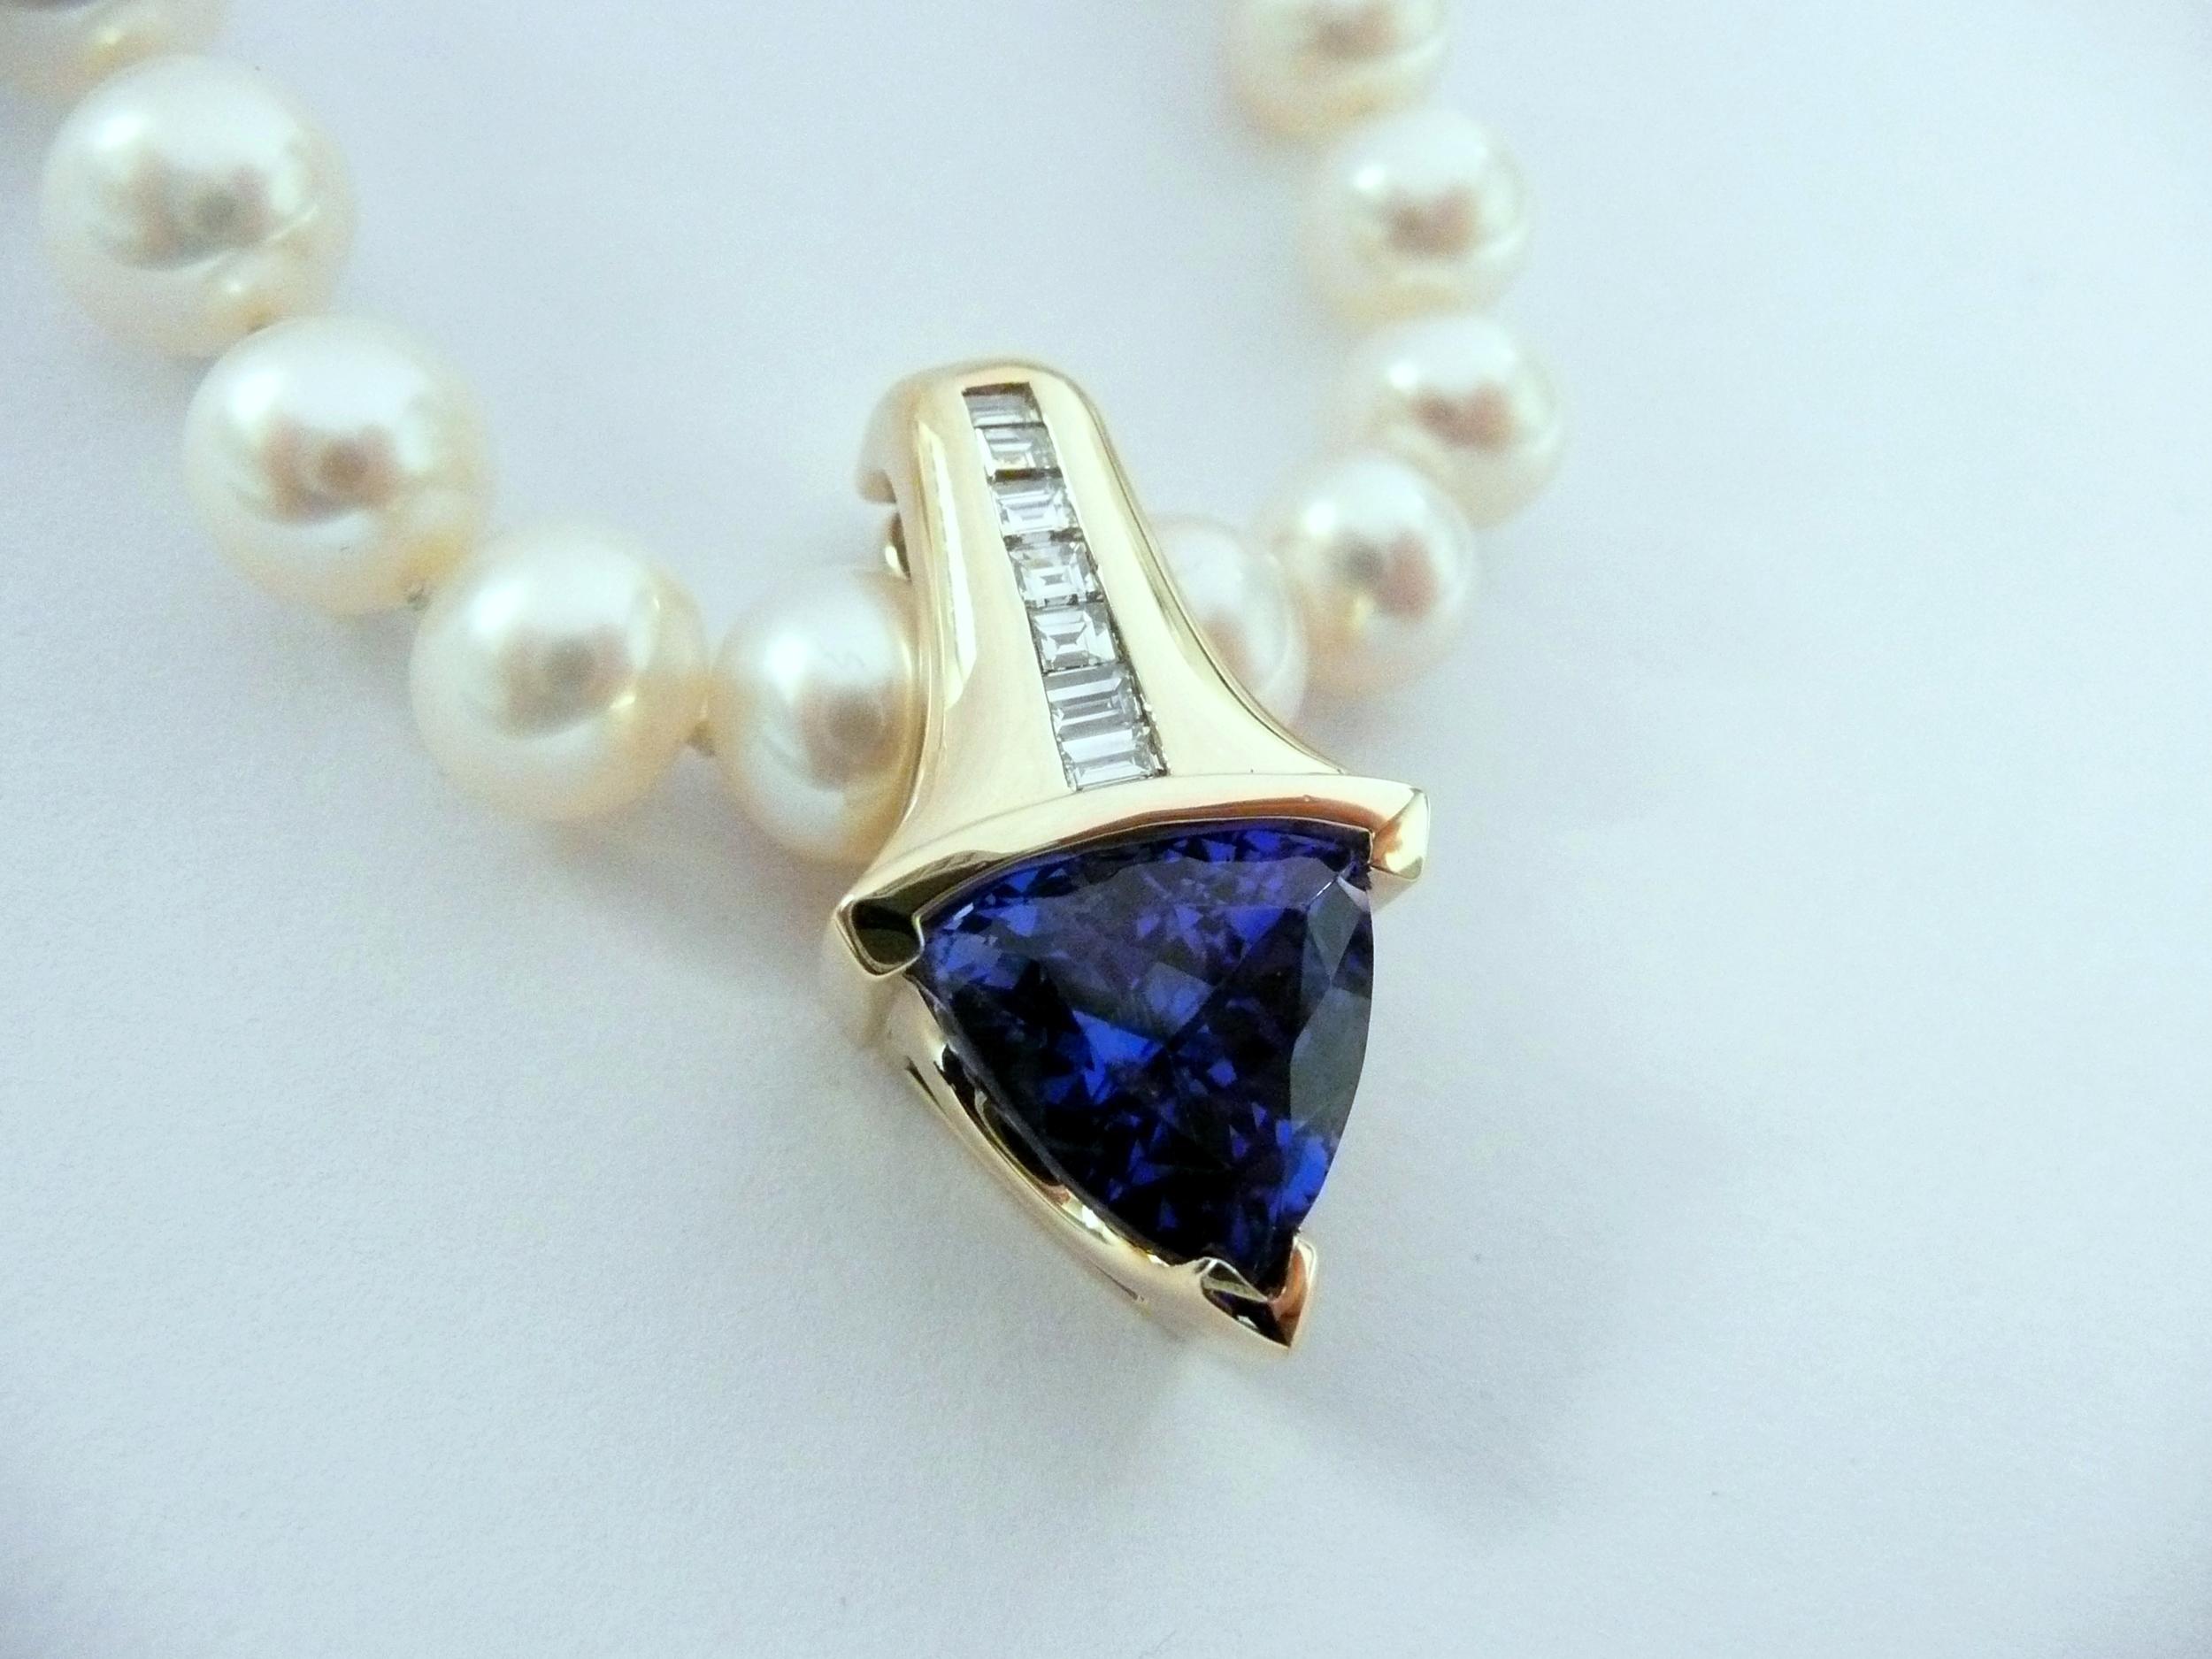 craft-revival-jewelry-store-grand-rapids-unique-custom-tanzanite-pendant-yellow-gold-diamond-accents